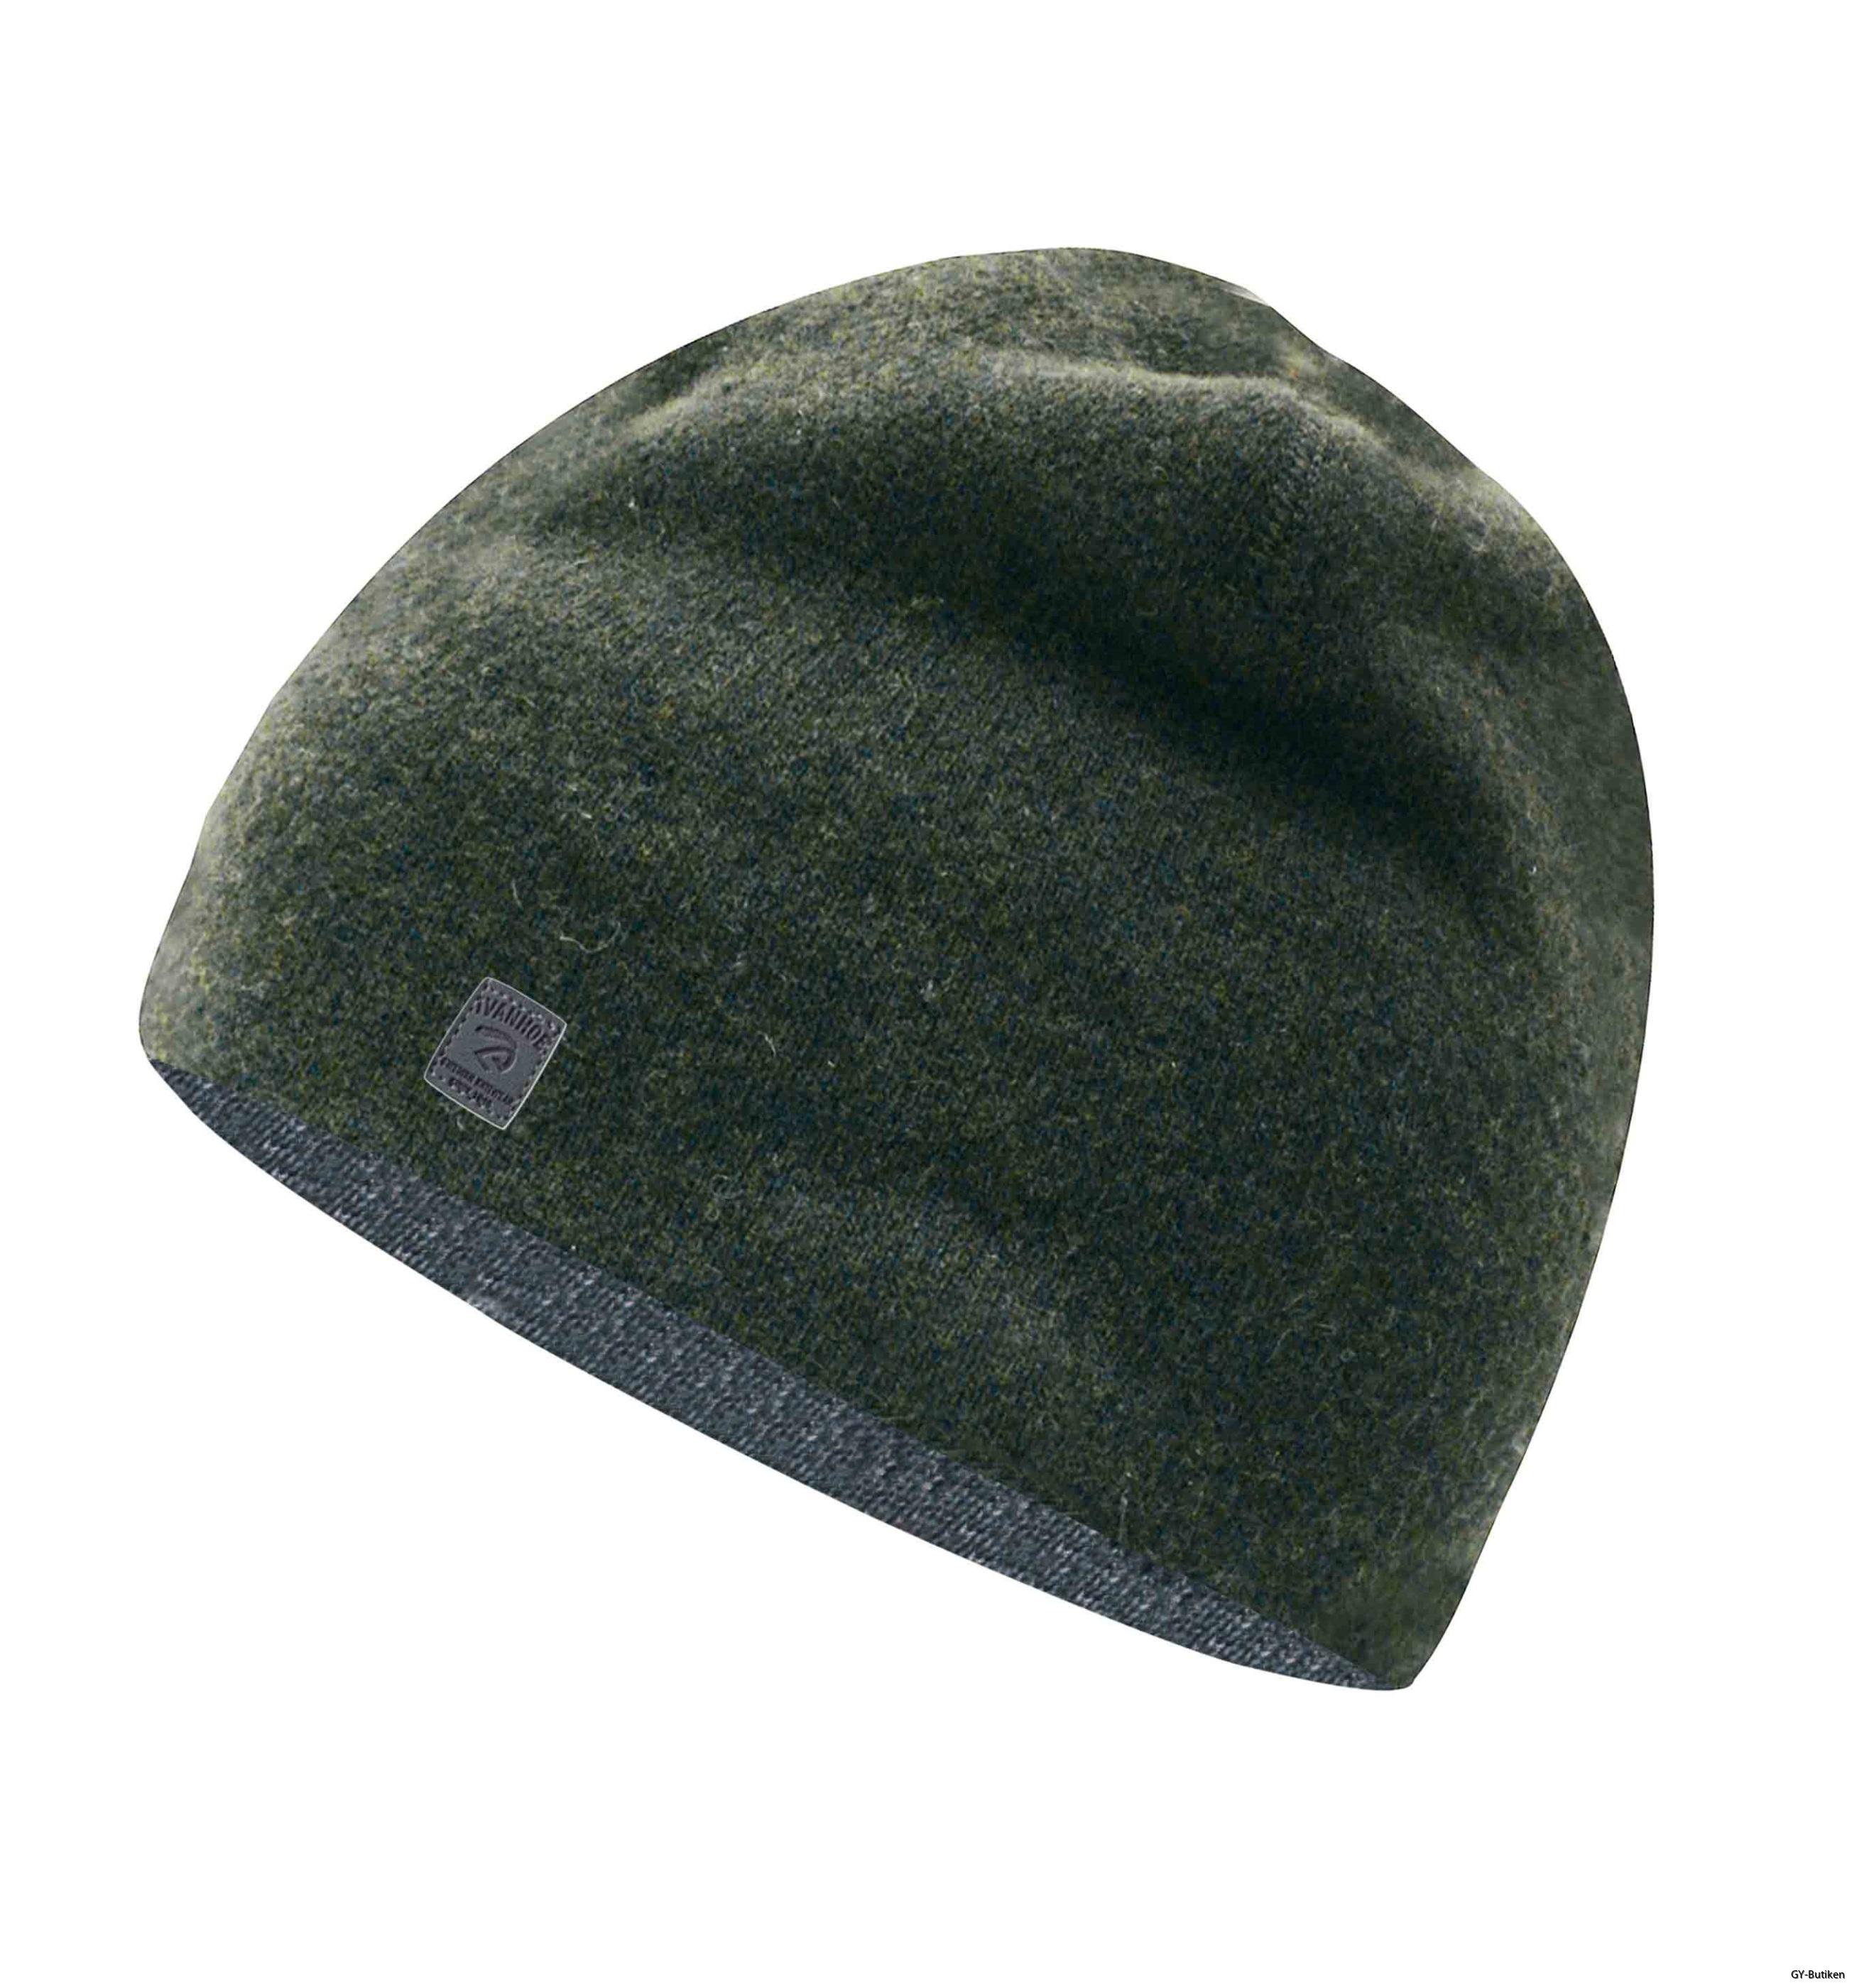 Rock_hat_421